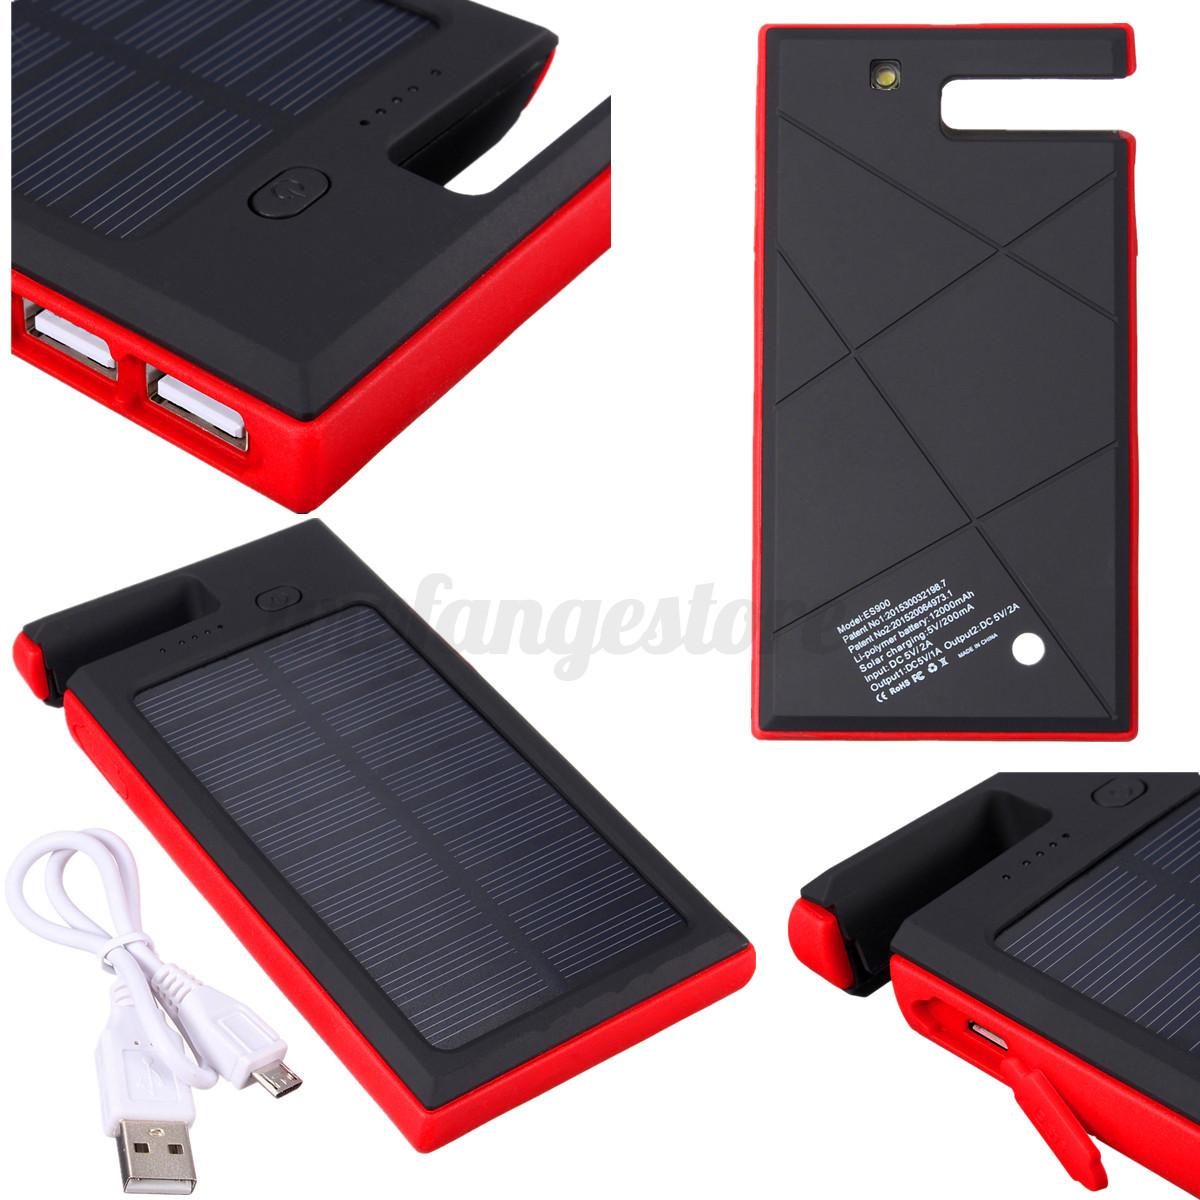 Pannello Solare Cellulare : Carica cellulare solare tutte le offerte cascare a fagiolo